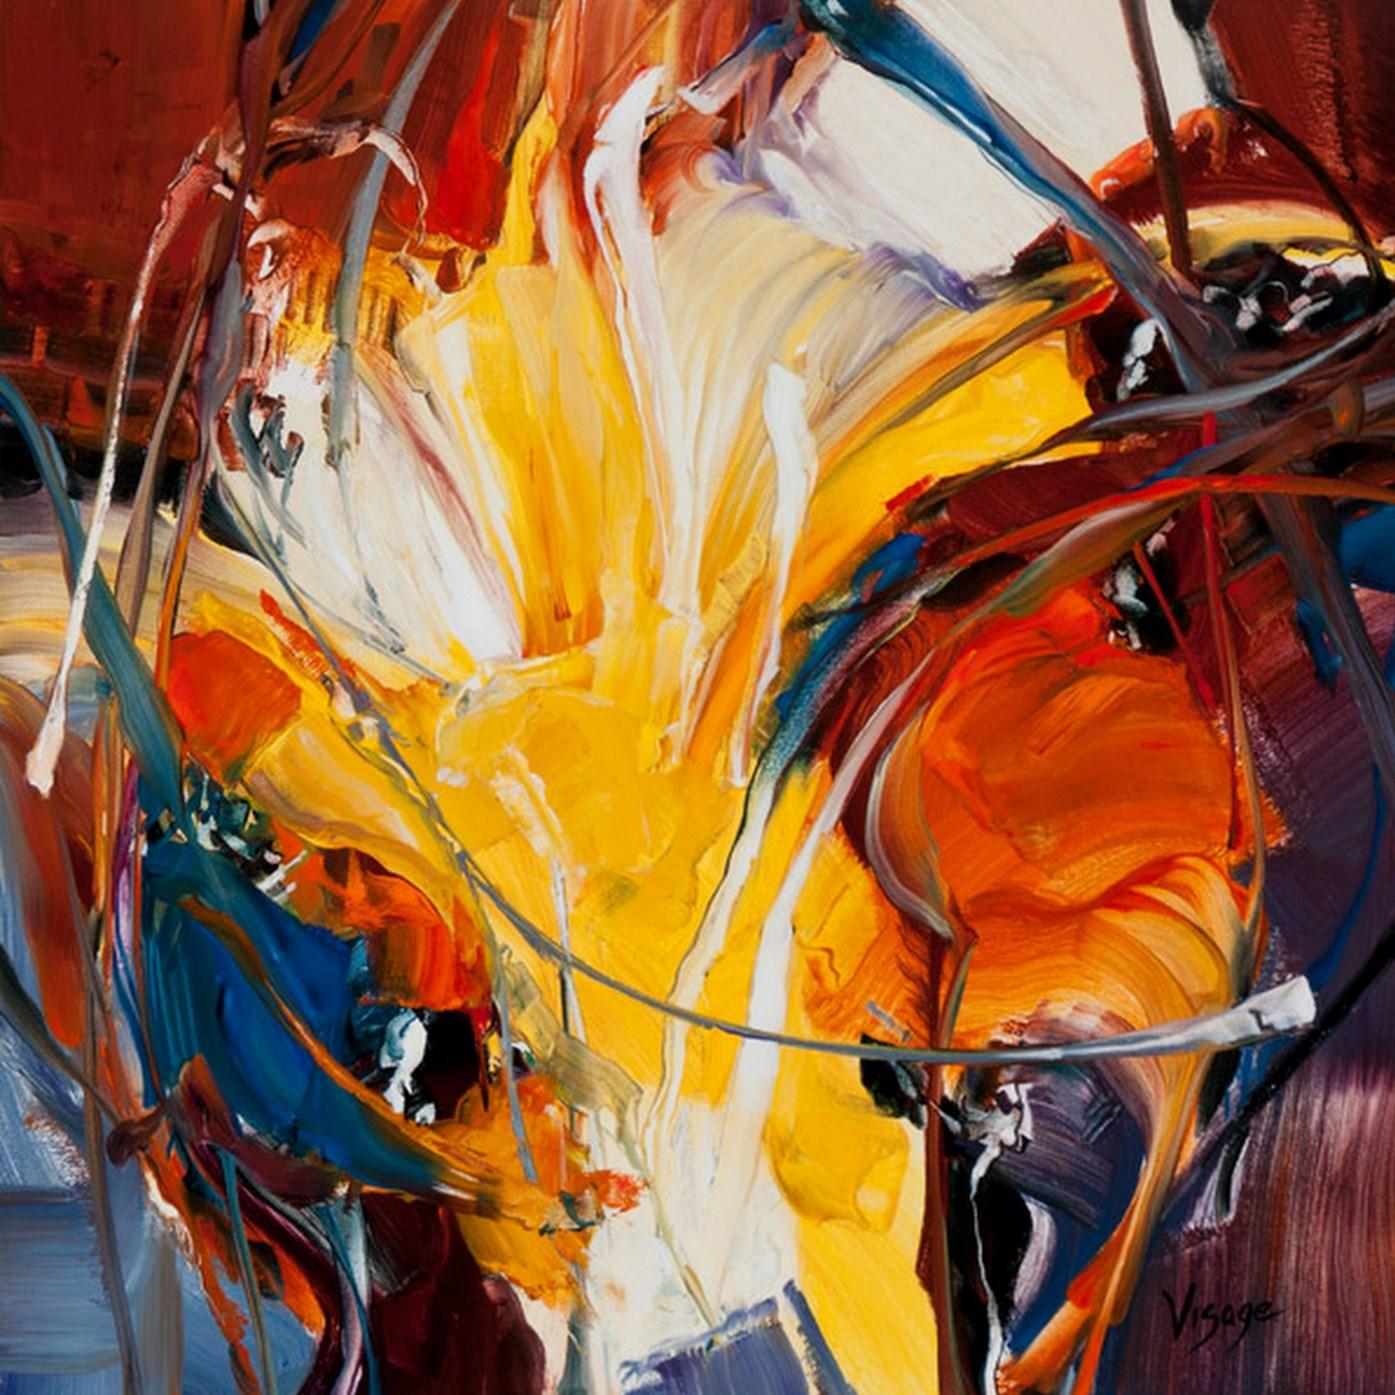 Cuadros modernos pinturas y dibujos 09 03 13 for Fotos de cuadros abstractos al oleo